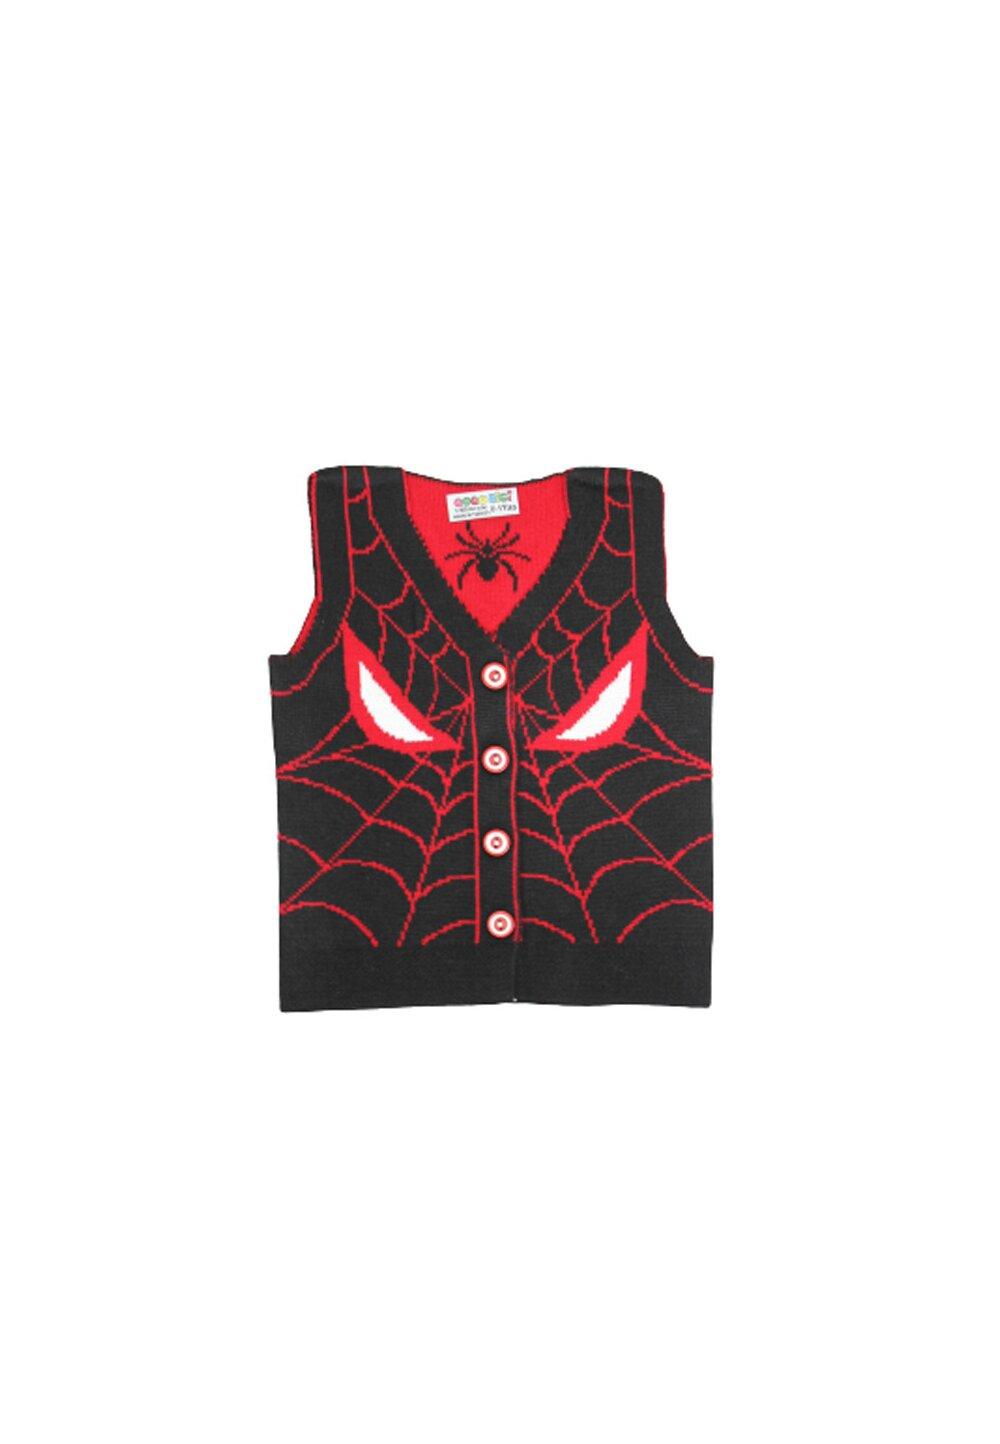 Vesta tricotata, Spider Man, negru cu rosu